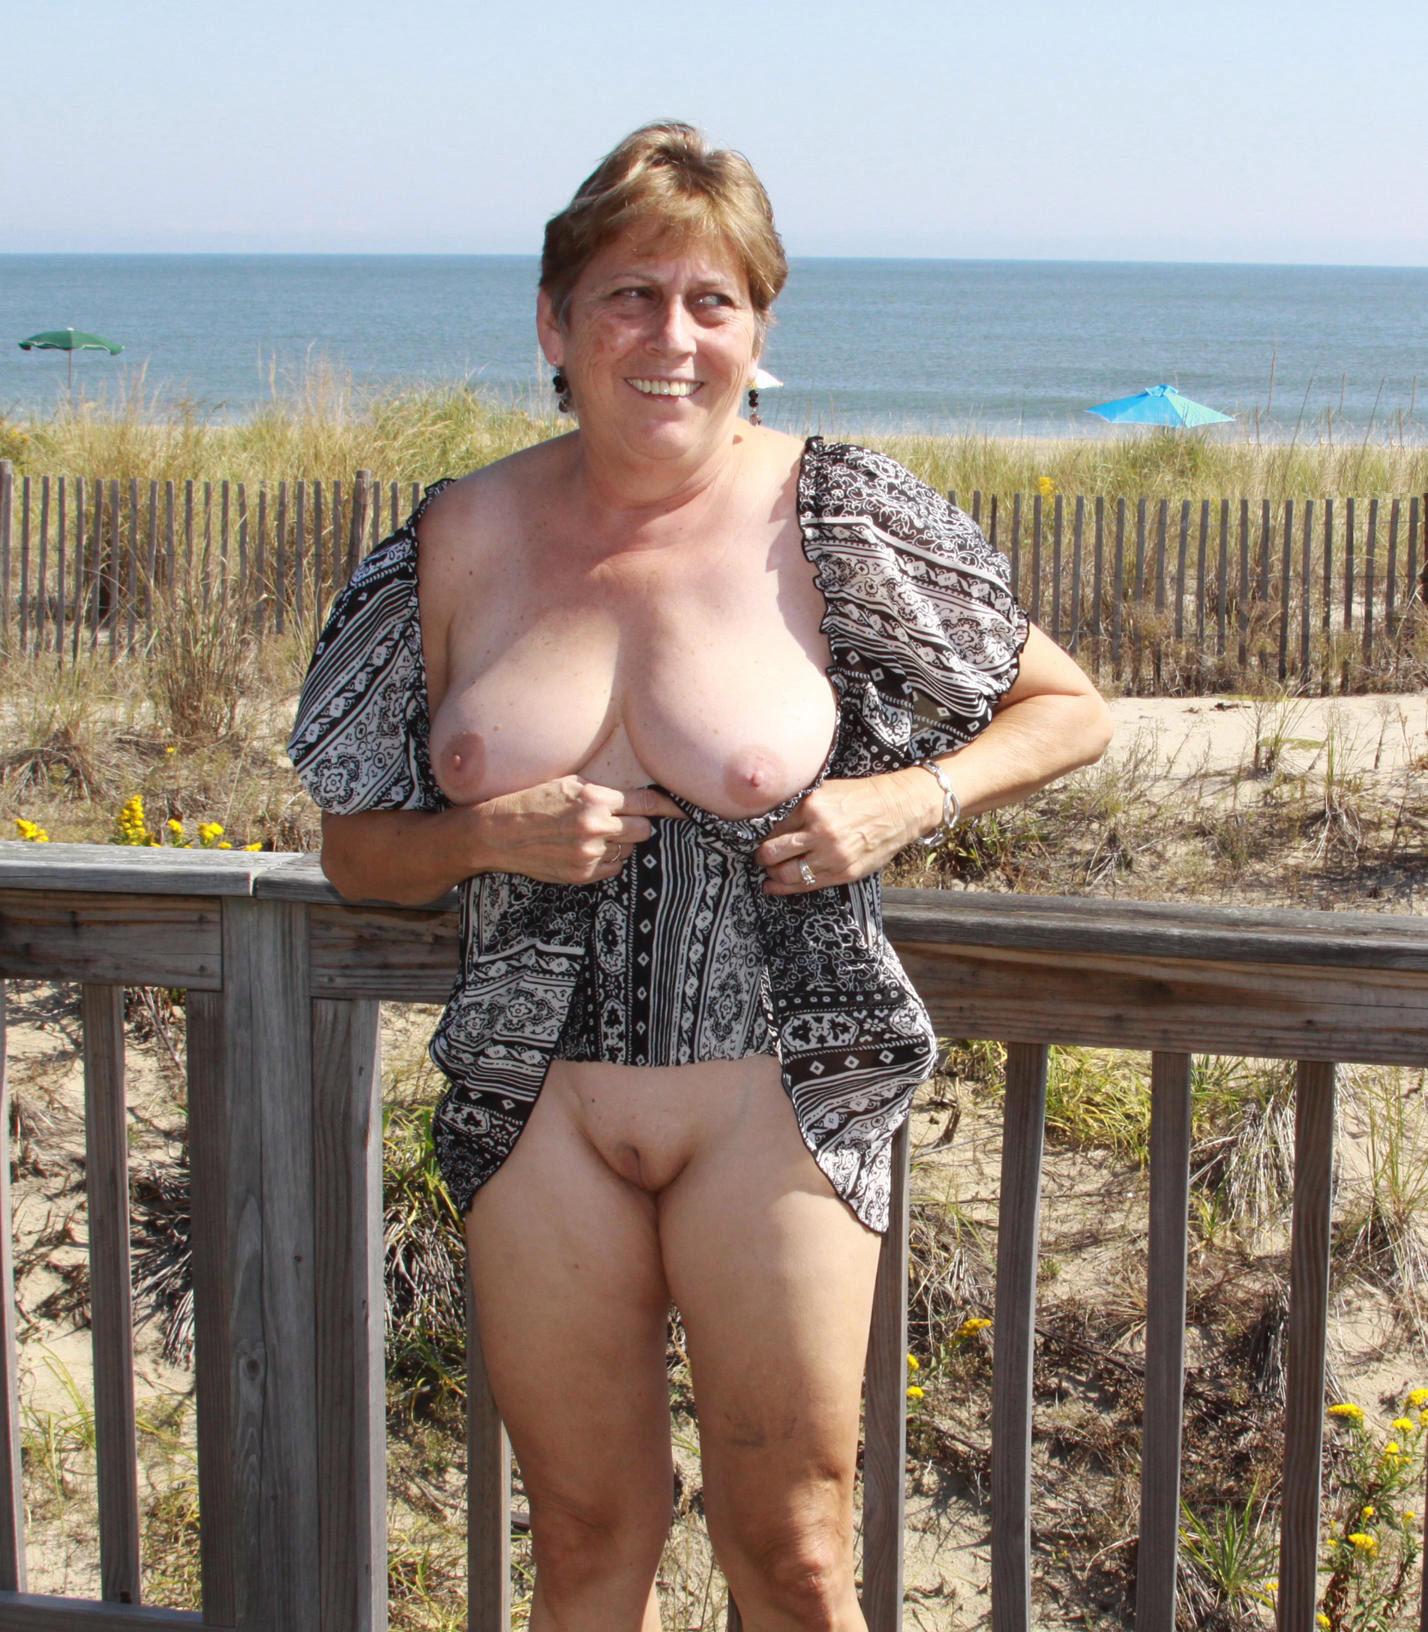 desi girl naked hard sex